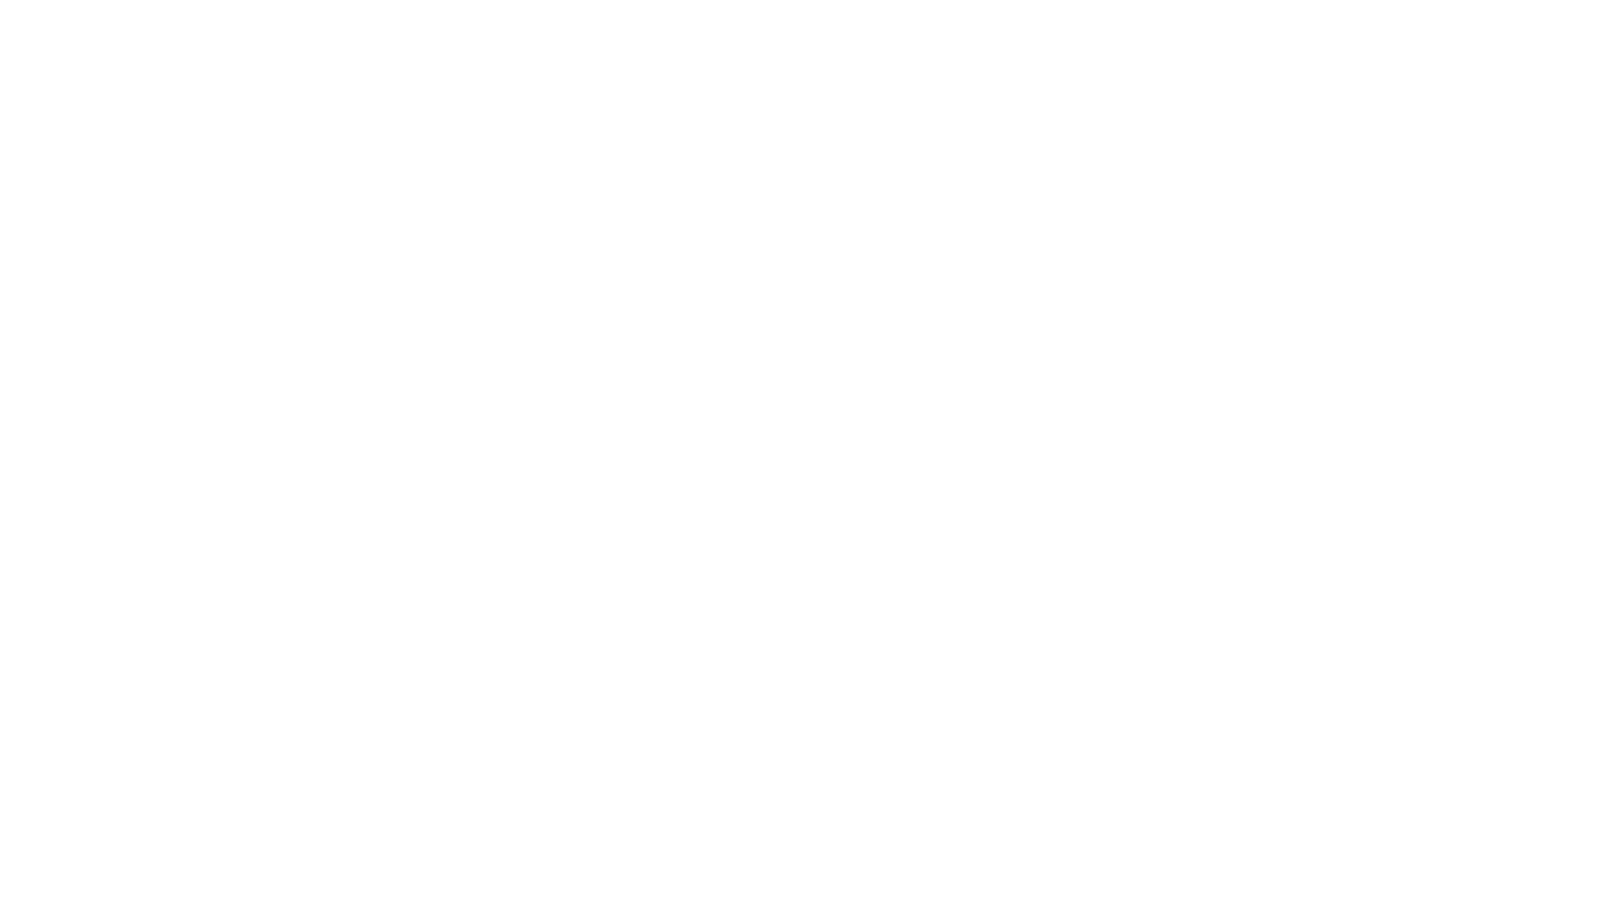 Η Κοινωφελής Δημοτική Επιχείρηση Πειραιά (ΚΟ.Δ.Ε.Π.) συστάθηκε το 2011 με την ολοκλήρωση της διαδικασίας συγχώνευσης των κοινωφελών επιχειρήσεων Κοινωφελής Δημοτική Επιχείρηση Κοινωνικής Ένταξης Περίθαλψης Αλλοδαπών Πειραιά» και «Κοινωφελής Δημοτική Επιχείρηση Κοινωνικής Μέριμνας Πειραιά» και αποτελεί ένα Νομικό Πρόσωπο Ιδιωτικού Δικαίου.